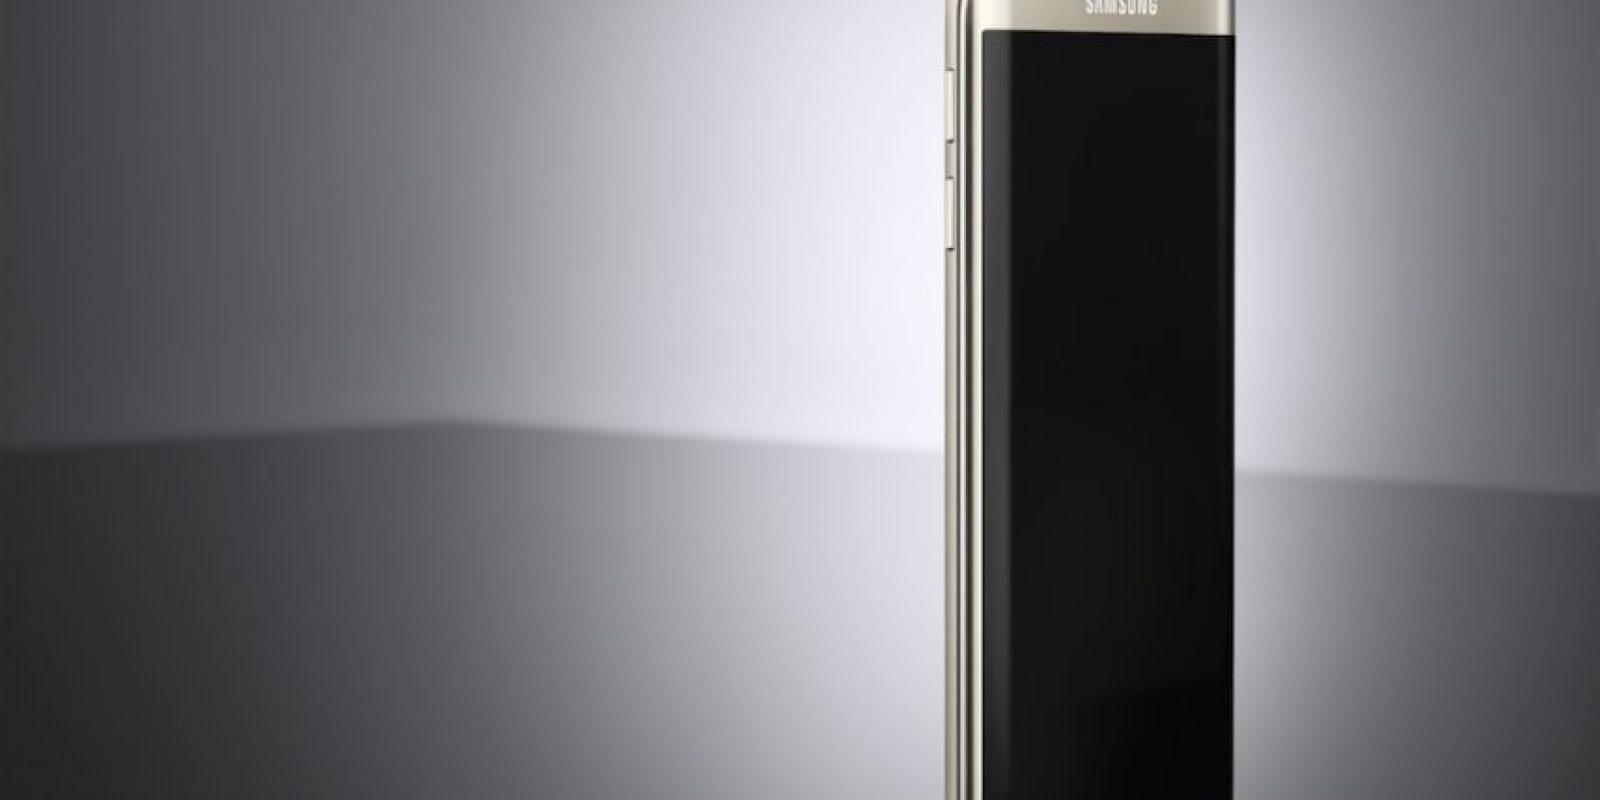 Su memoria RAM es de 3GB con 32, 64 o 128GB de almacenamiento interno. Foto:Samsung